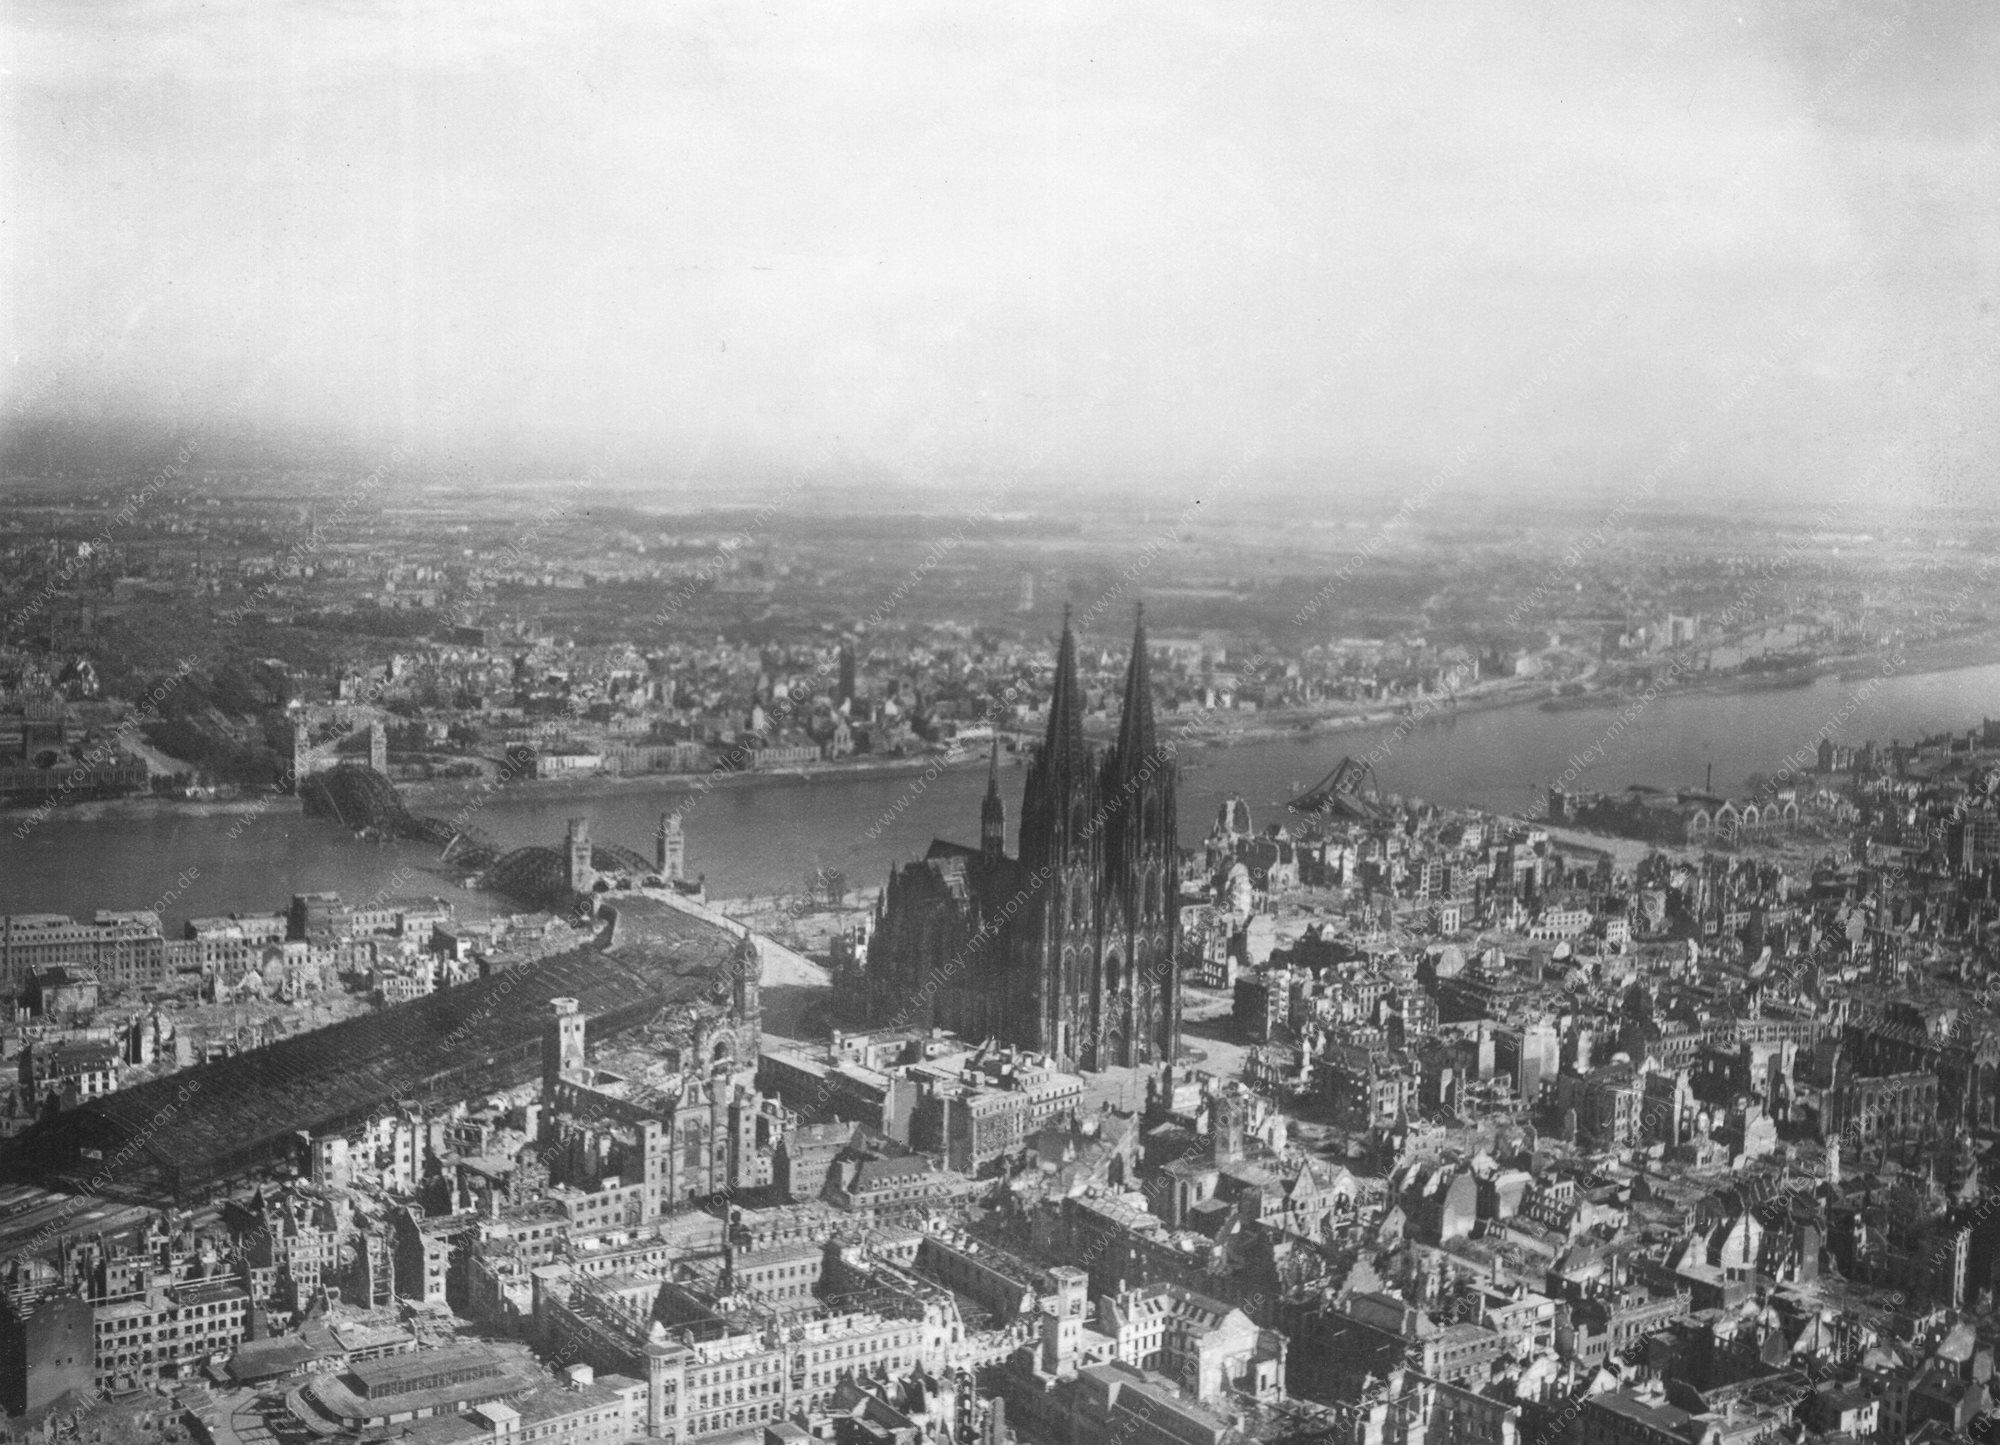 Luftbild aus dem Mai 1945 von Köln, seinem Hauptbahnhof und der Hohenzollernbrücke